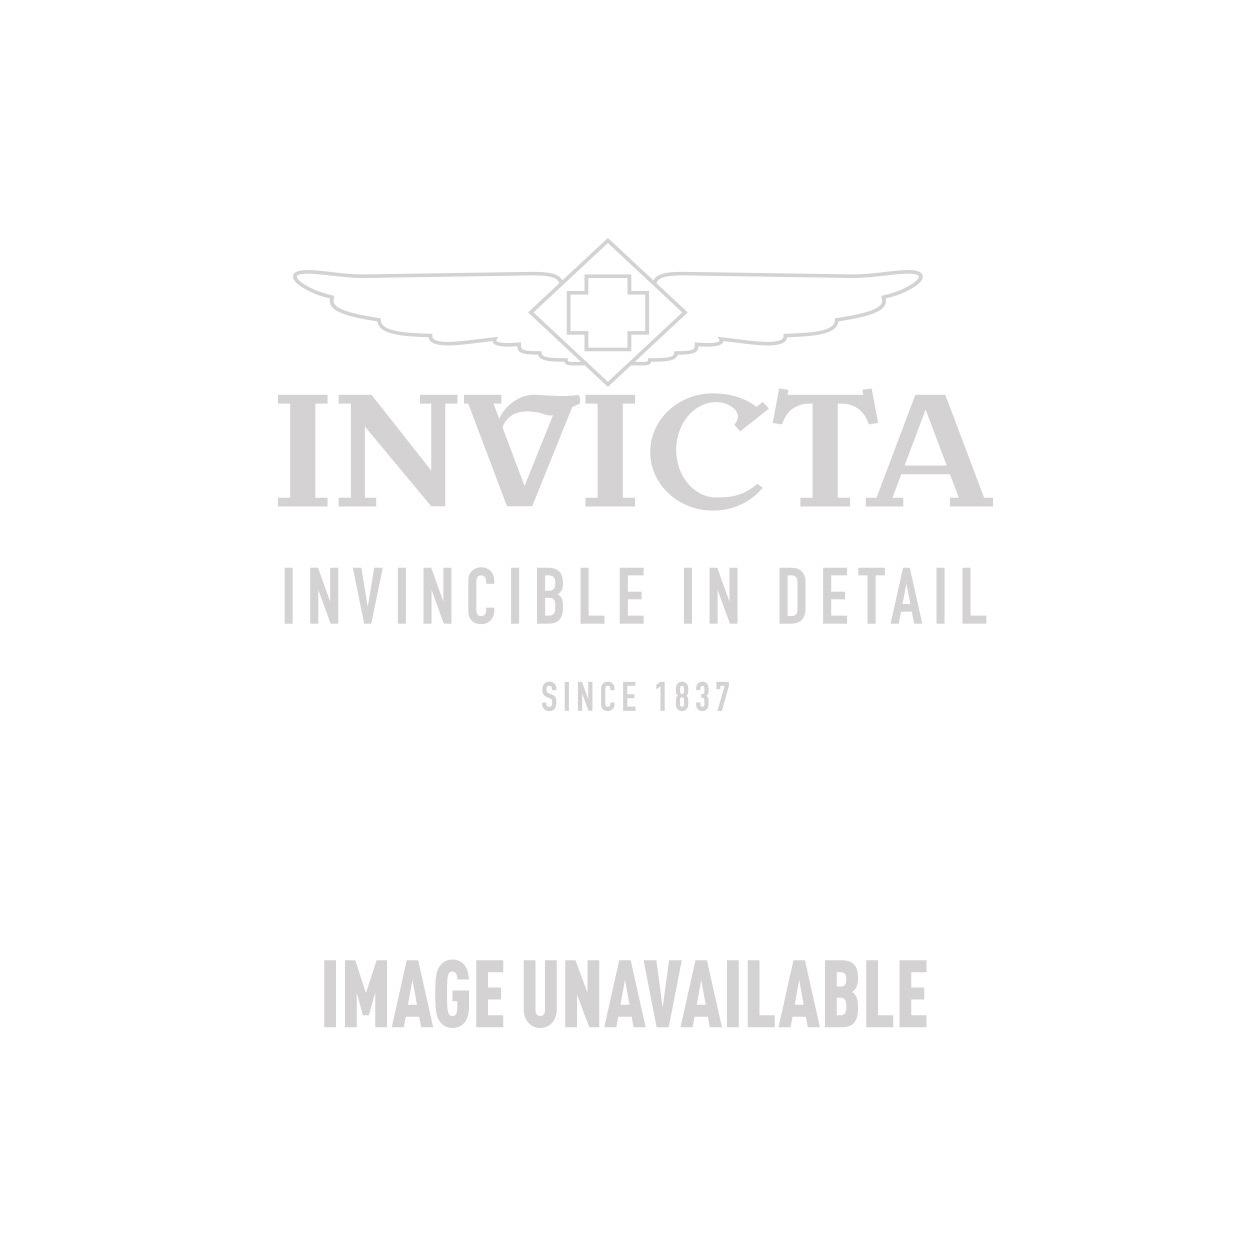 Invicta Model 29922